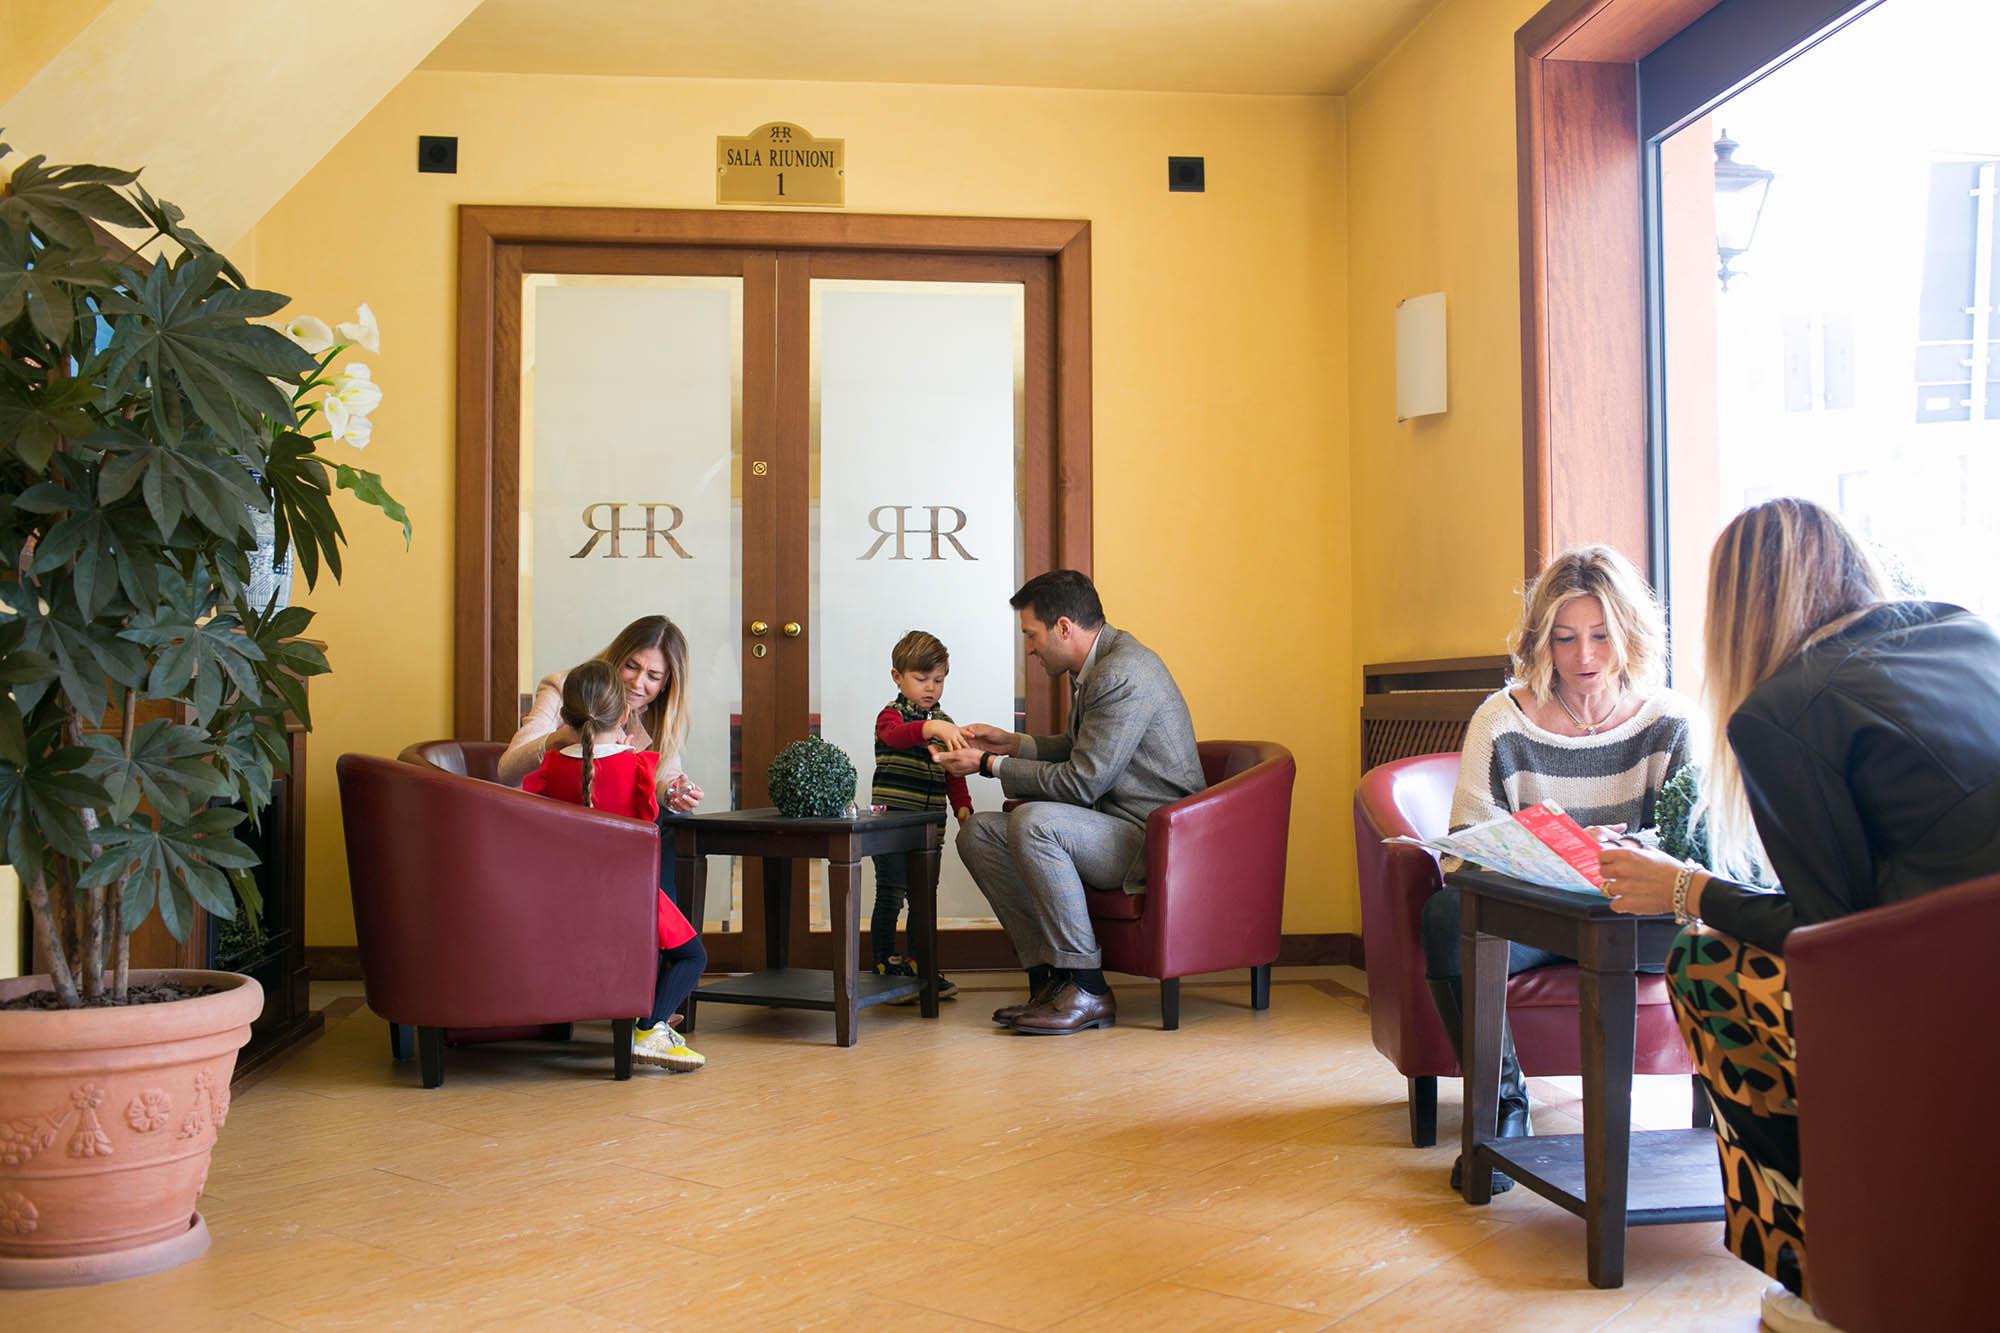 Reception con tutti i suoi ospiti famiglie, bambini e turisti